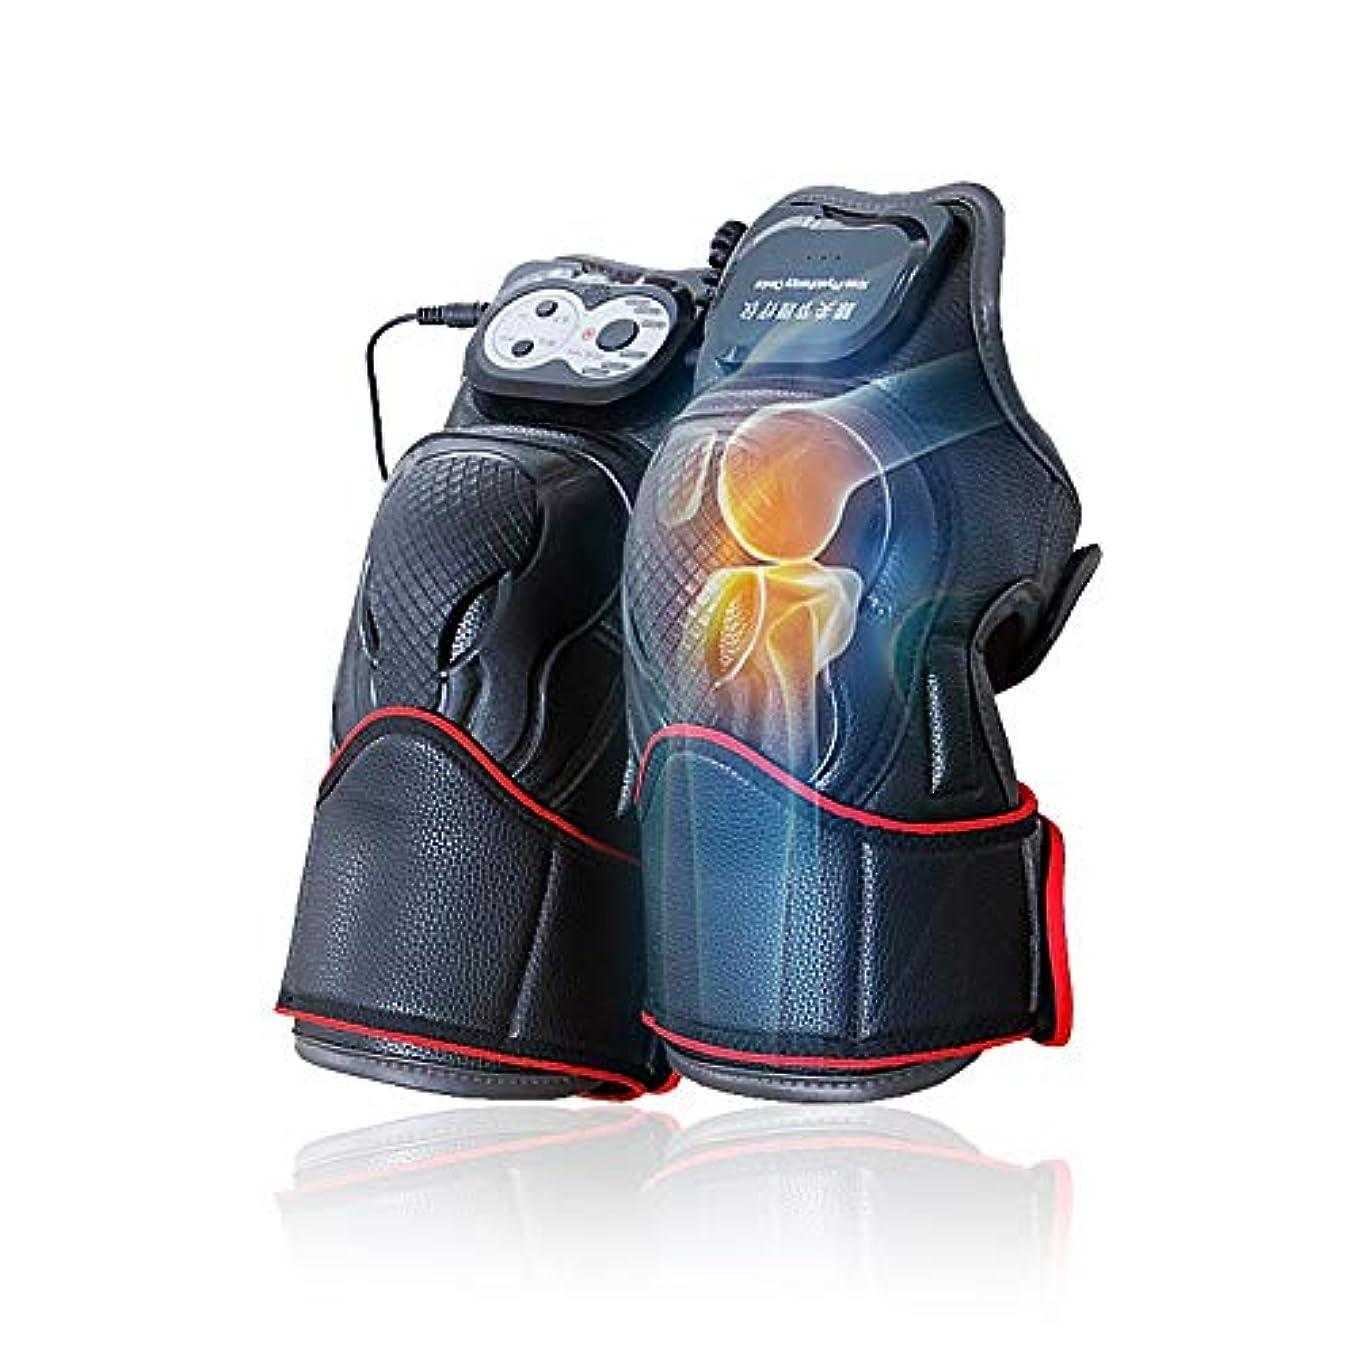 相対サイズモンキーうんざりマッサージ器 マッサージ ひざ マッサージャー ヒーター マッサージ機 振動 レッグマッサージャー 通気性 フットマッサージャー 赤外線療法 膝サポーター ストレス解消(二枚入り)